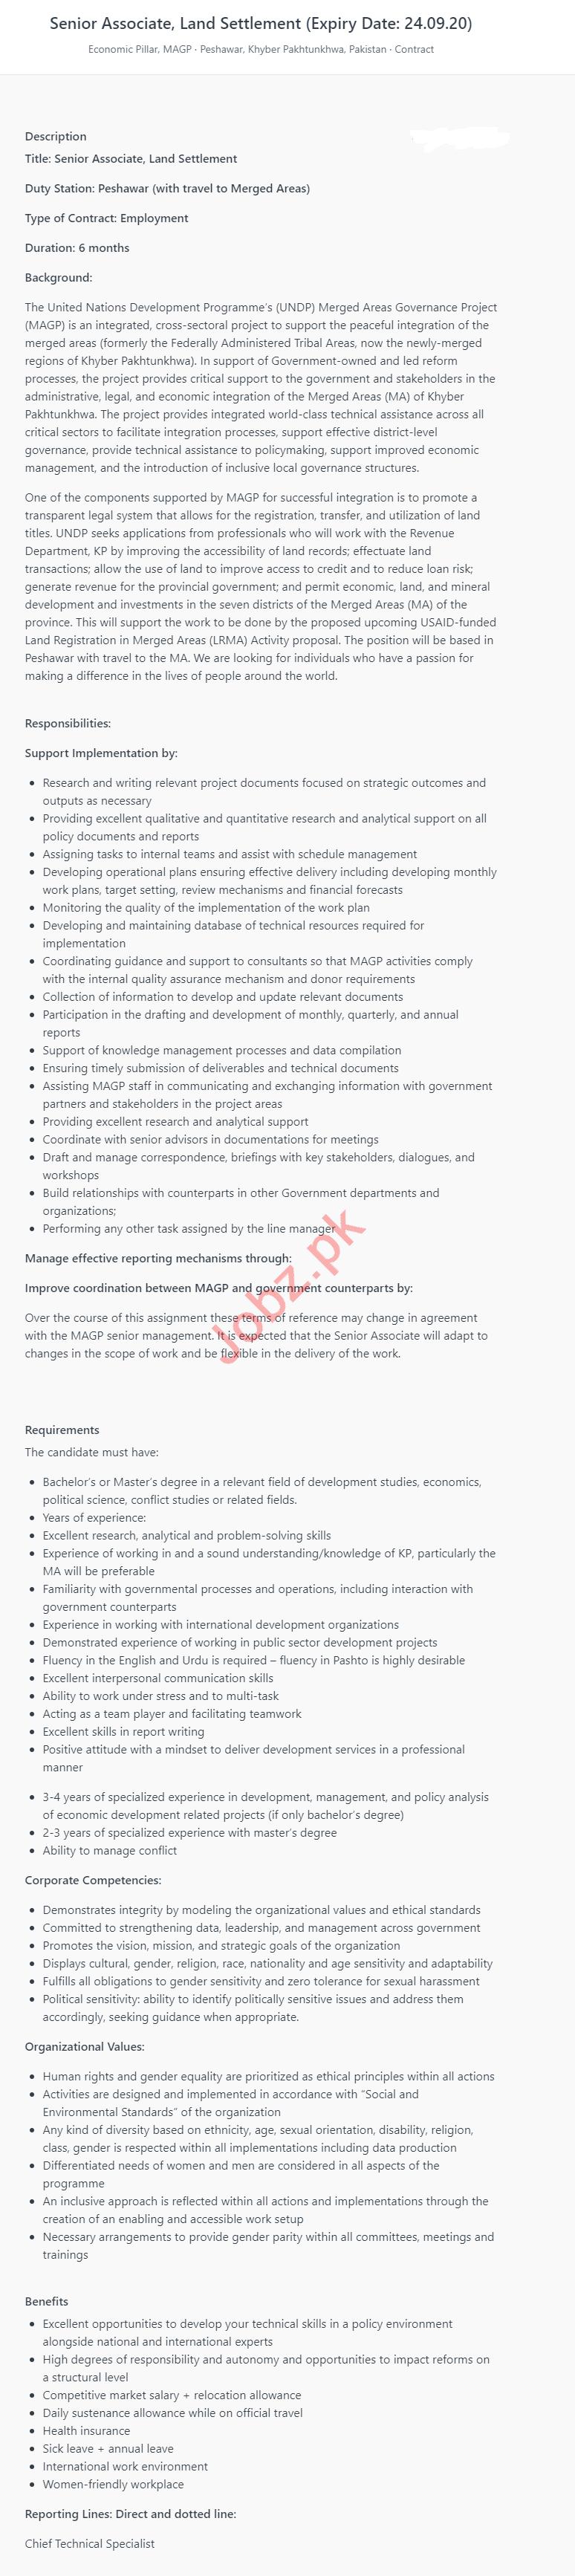 UNDP Jobs 2020 Senior Associate Land Settlement